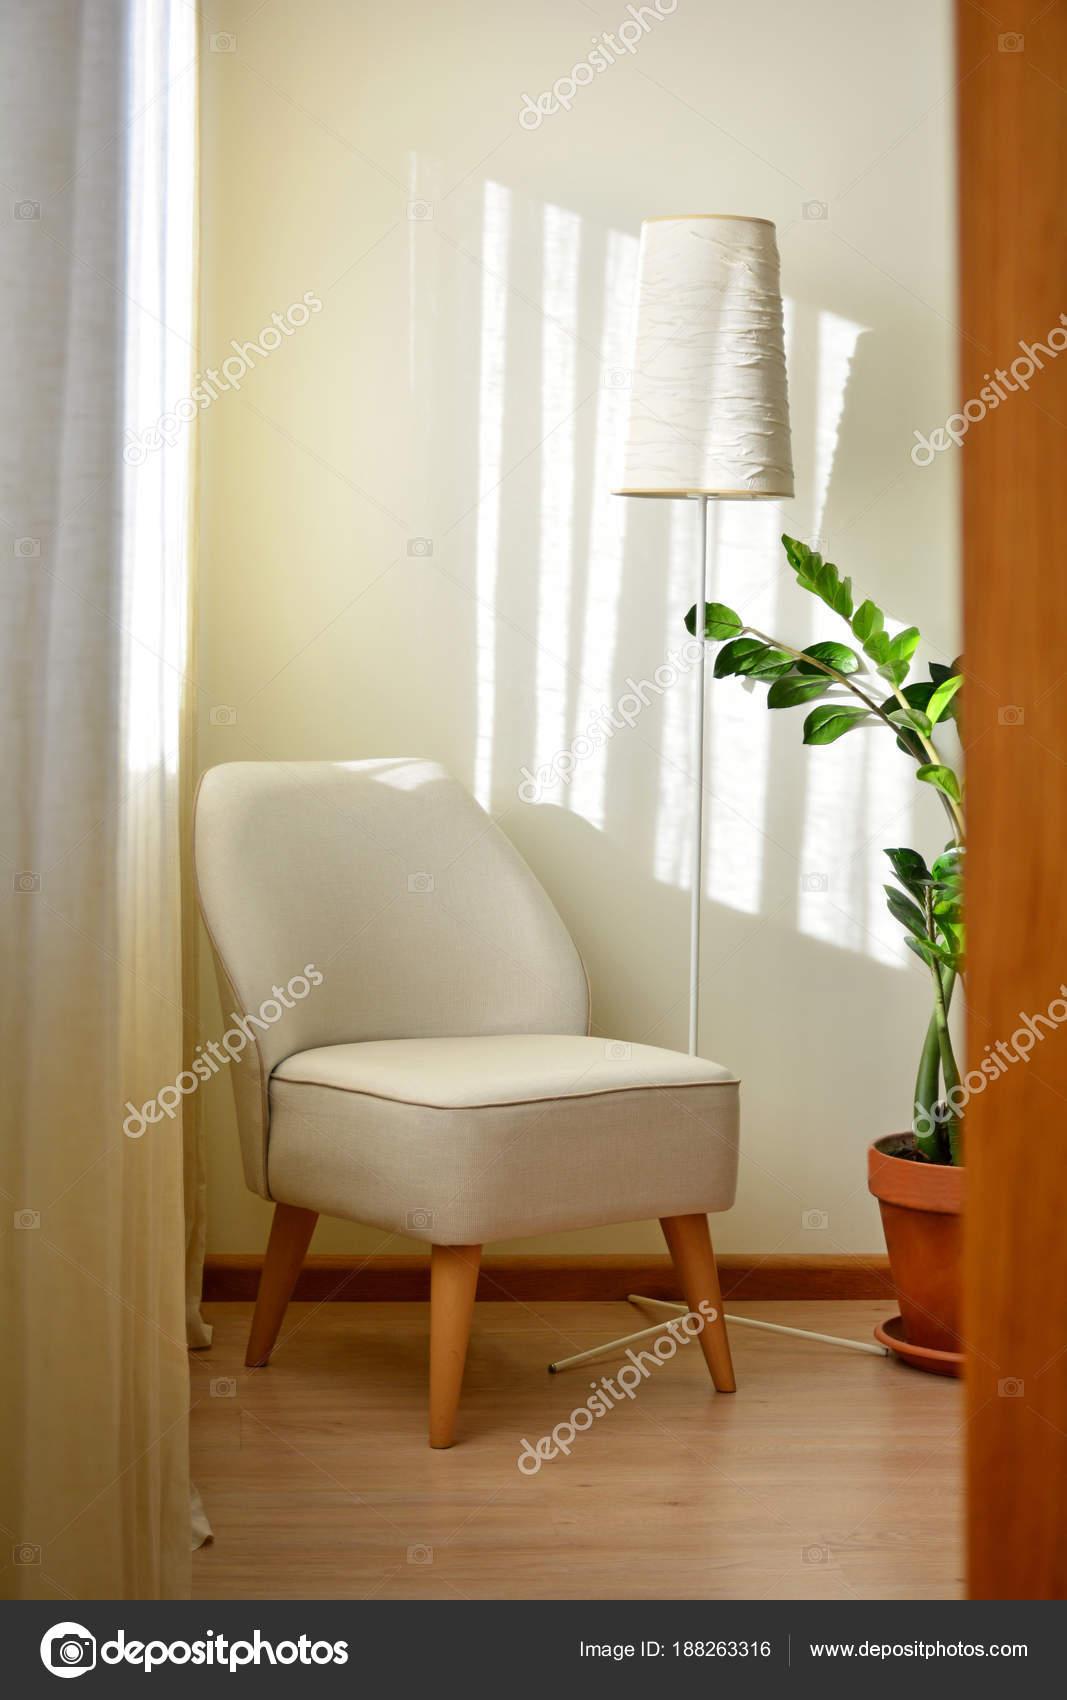 Eine Beige Farbe minimalistischen Stil Sessel in modernem Design ...